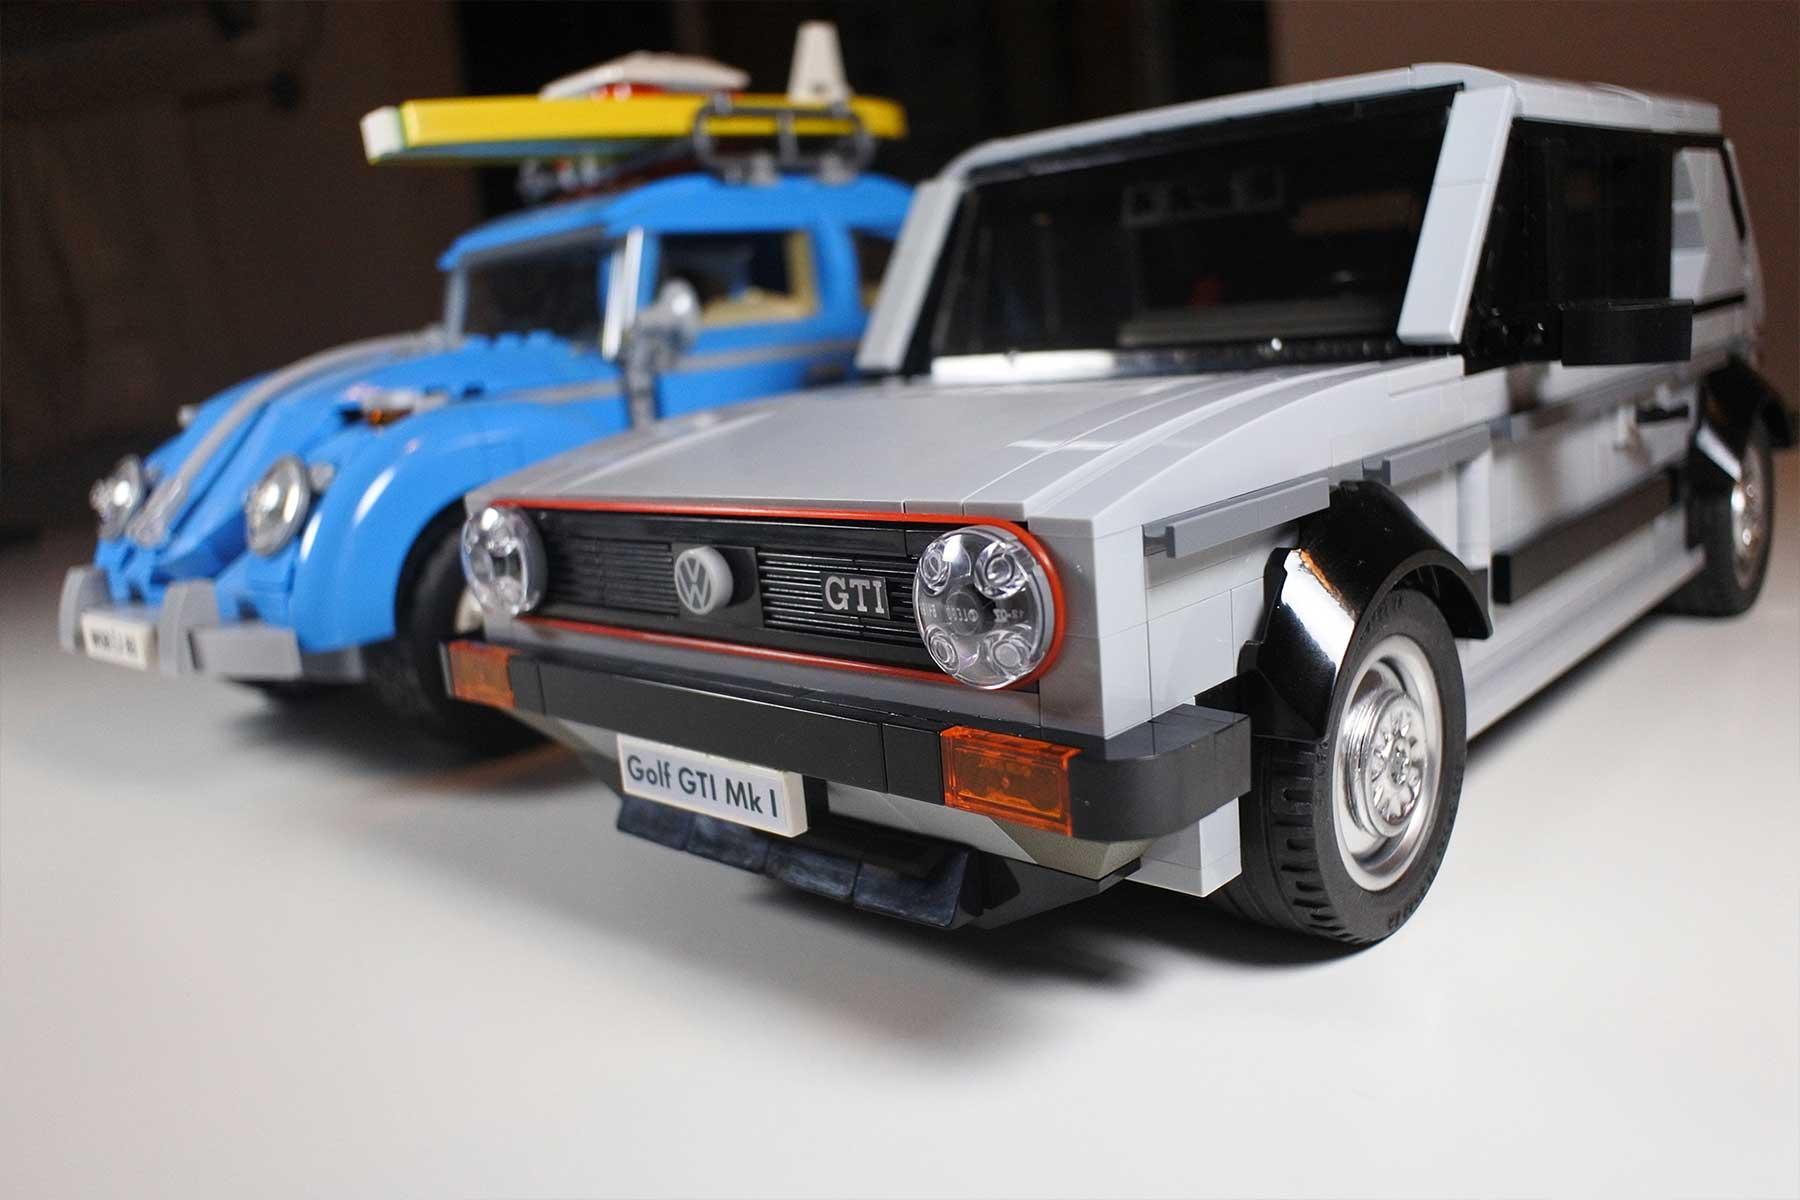 LEGO Golf GTI MK1 LEGO-Golf-GTI-MK1_09